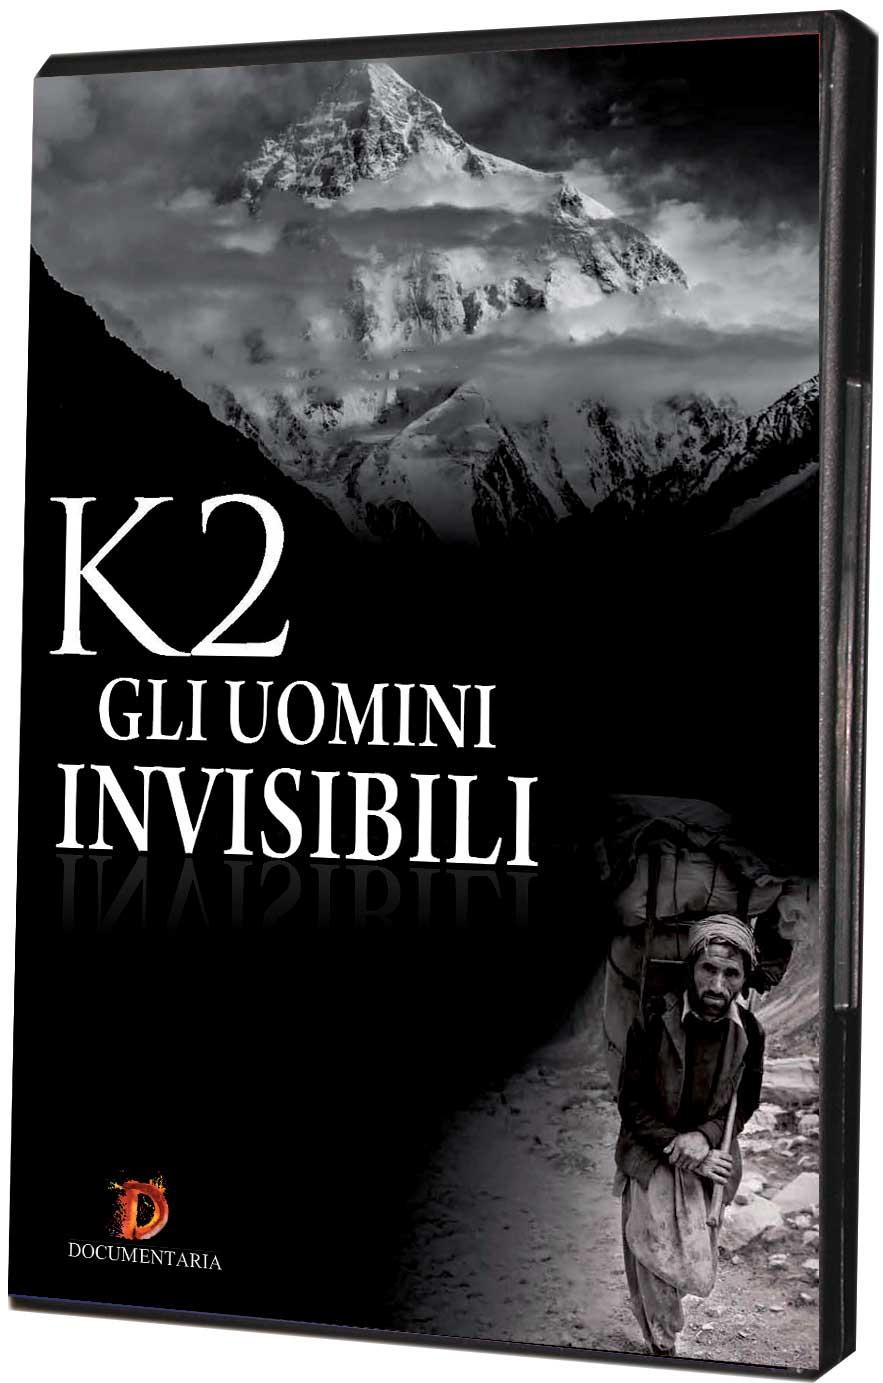 K2 - GLI UOMINI INVISIBILI (DVD)